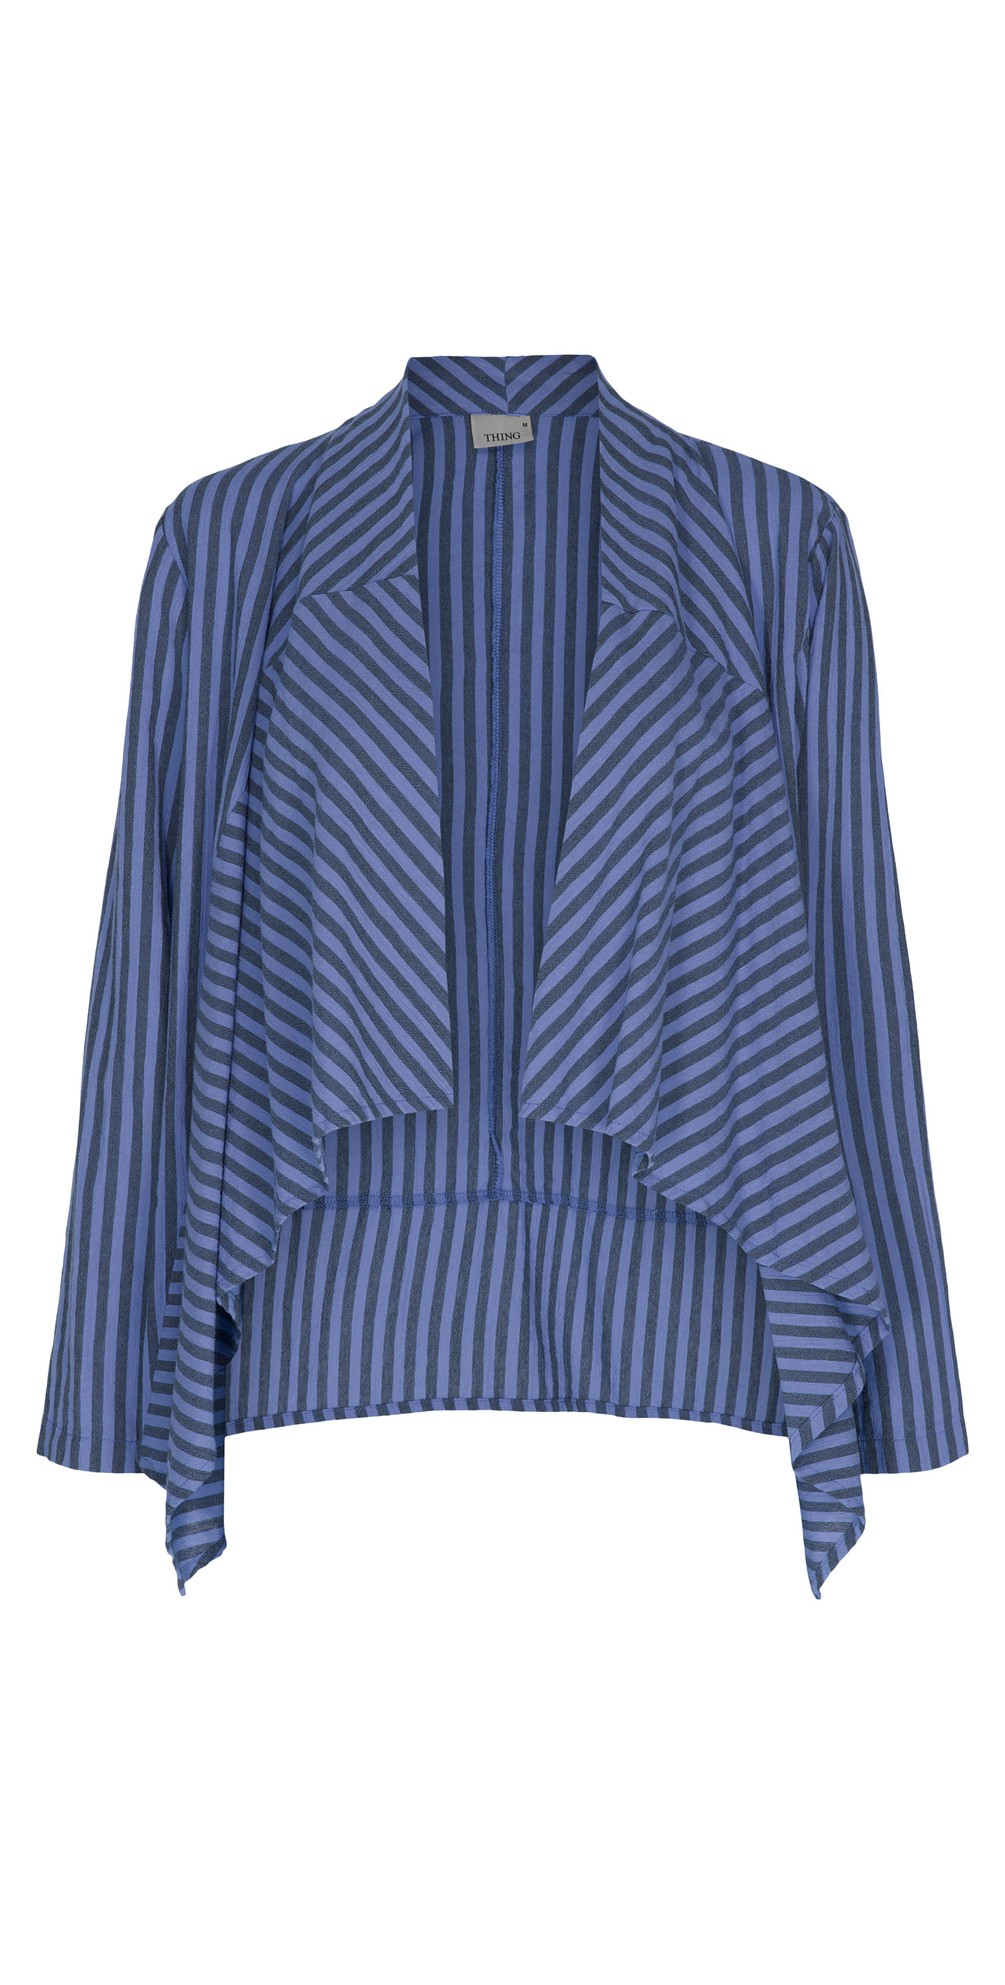 Edgie Stripe Jacket main image